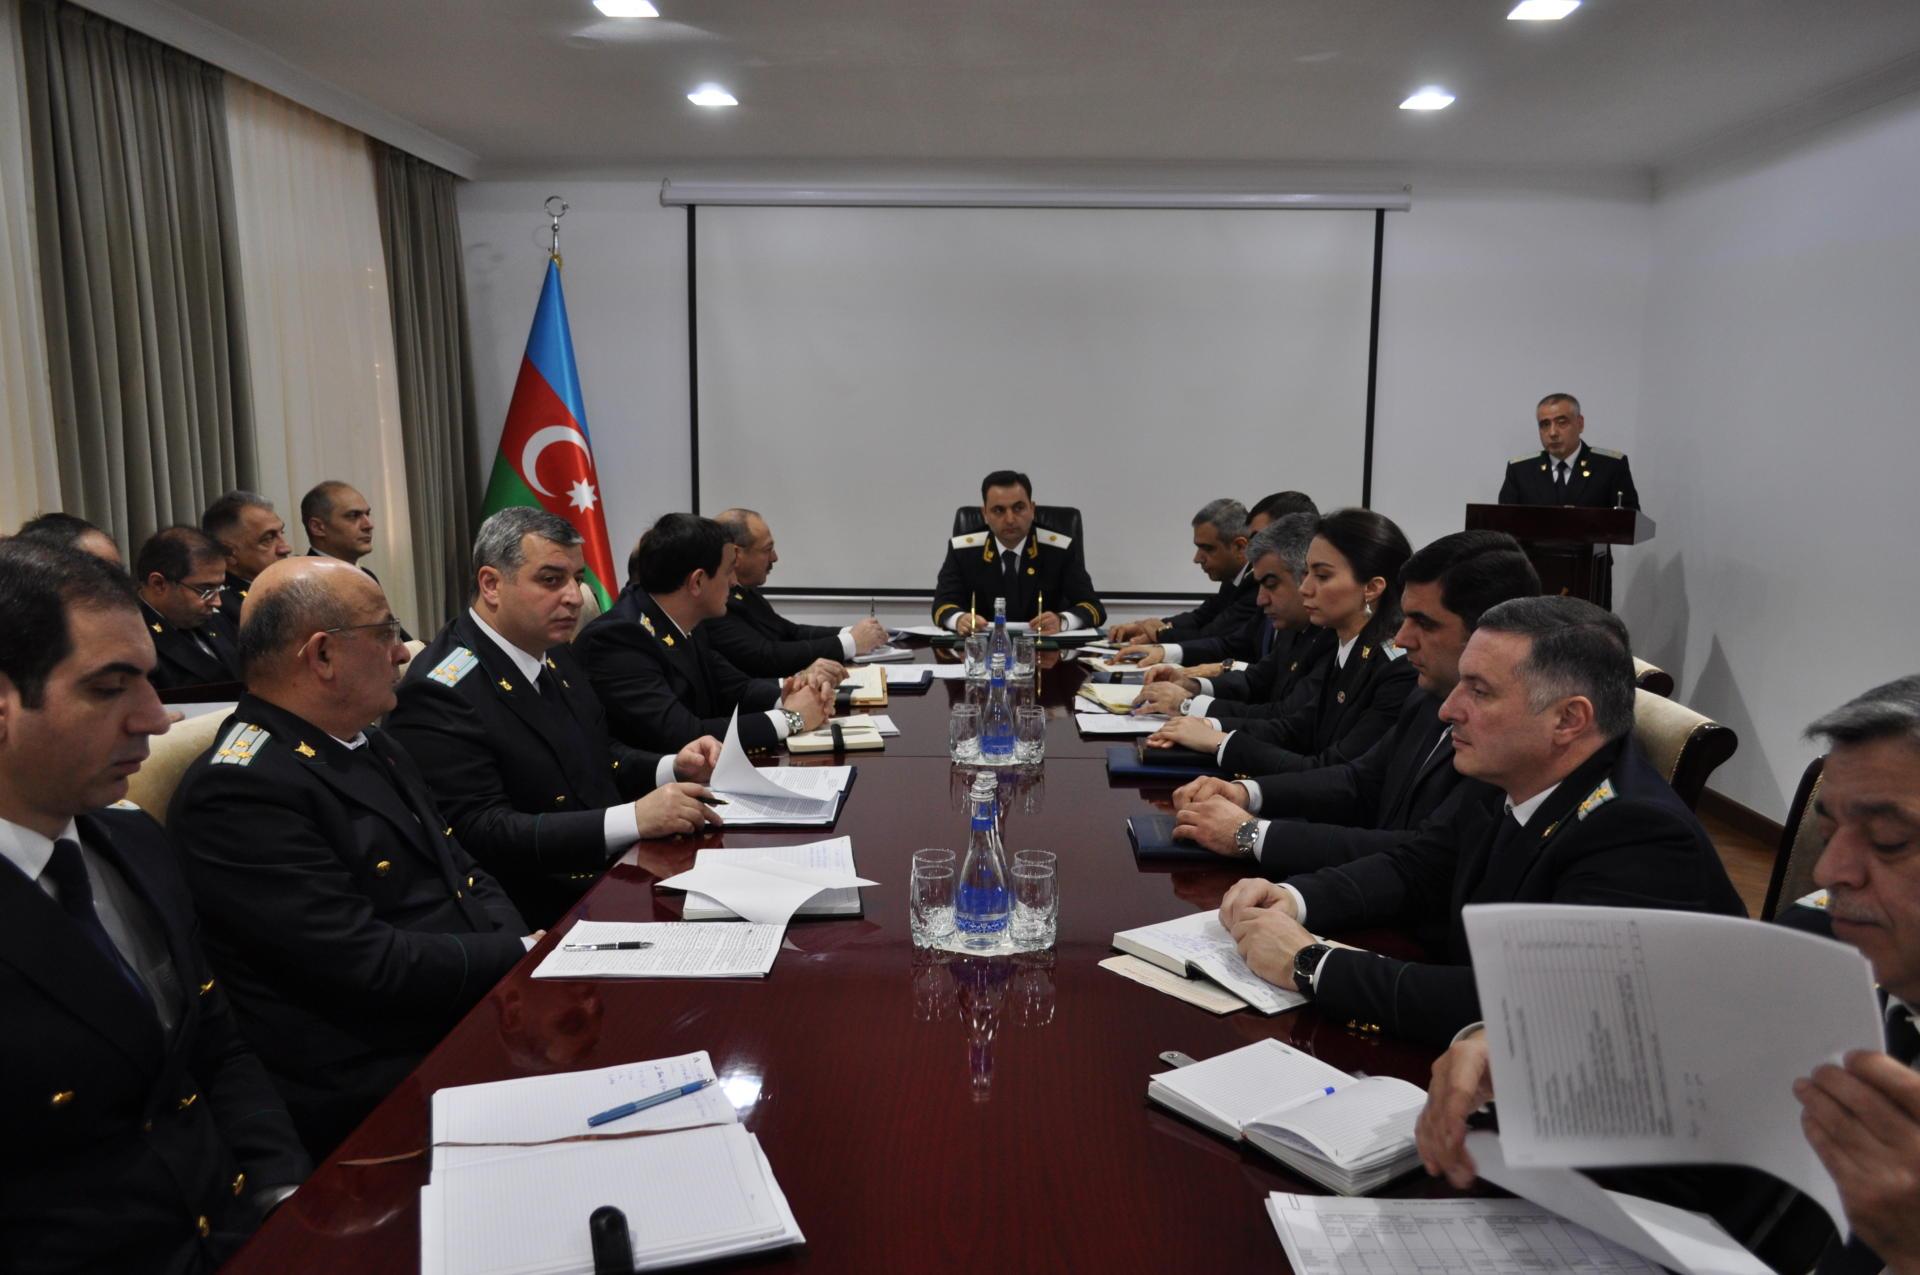 Bakı şəhər prokurorluğunun 12 əməkdaşı intizam məsuliyyətinə cəlb edilib (FOTO)